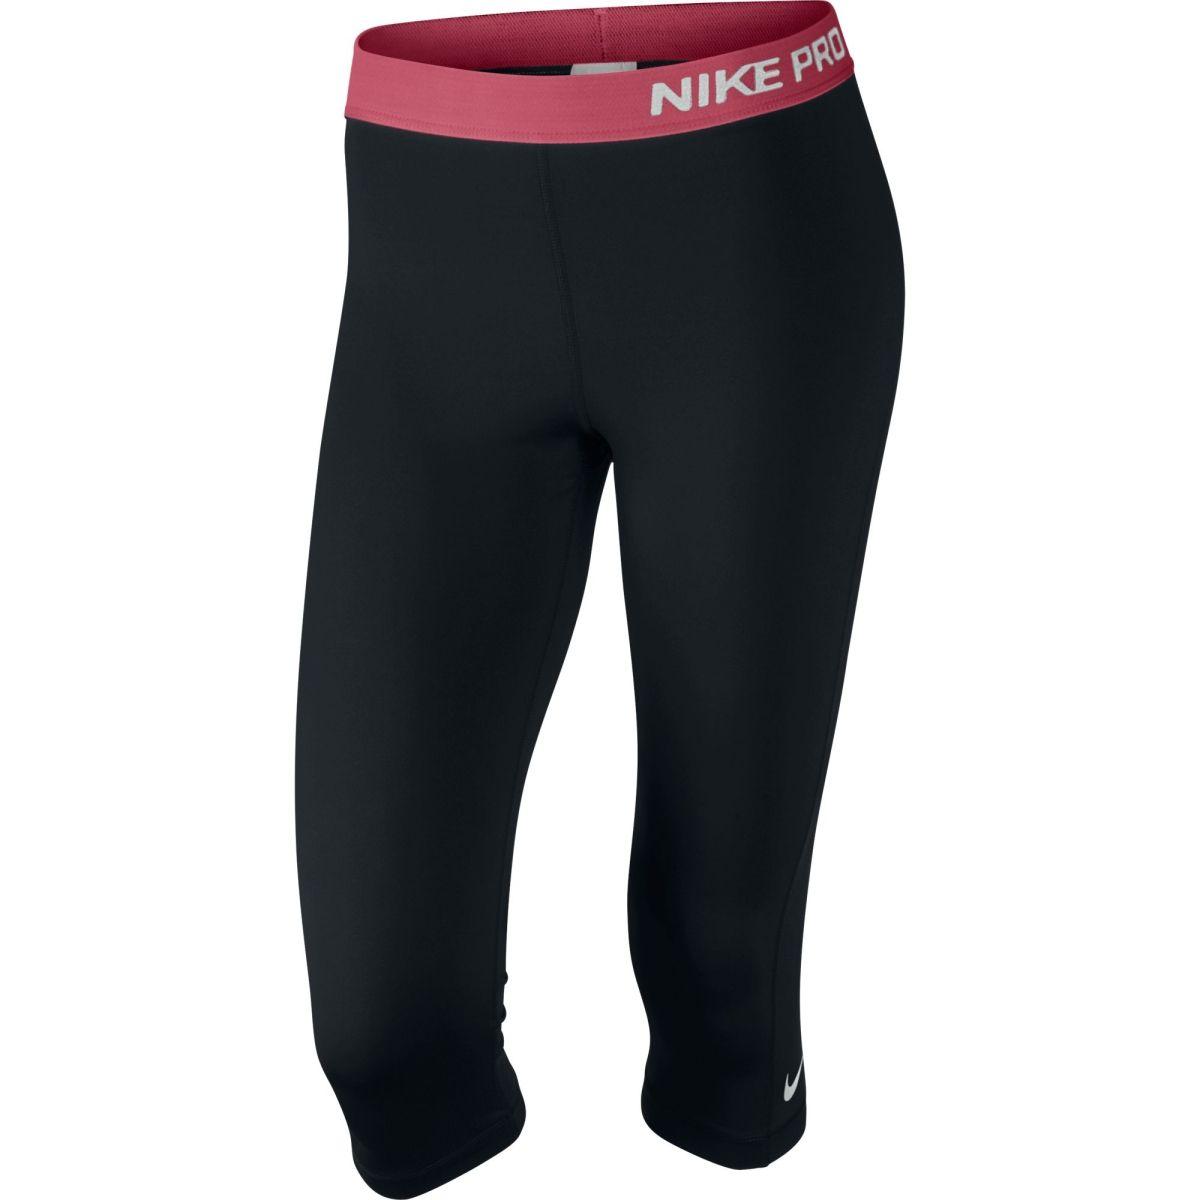 4f8770d0b6 Nike Pro Capri Tights Womens - SportChek.ca   Fitspiration